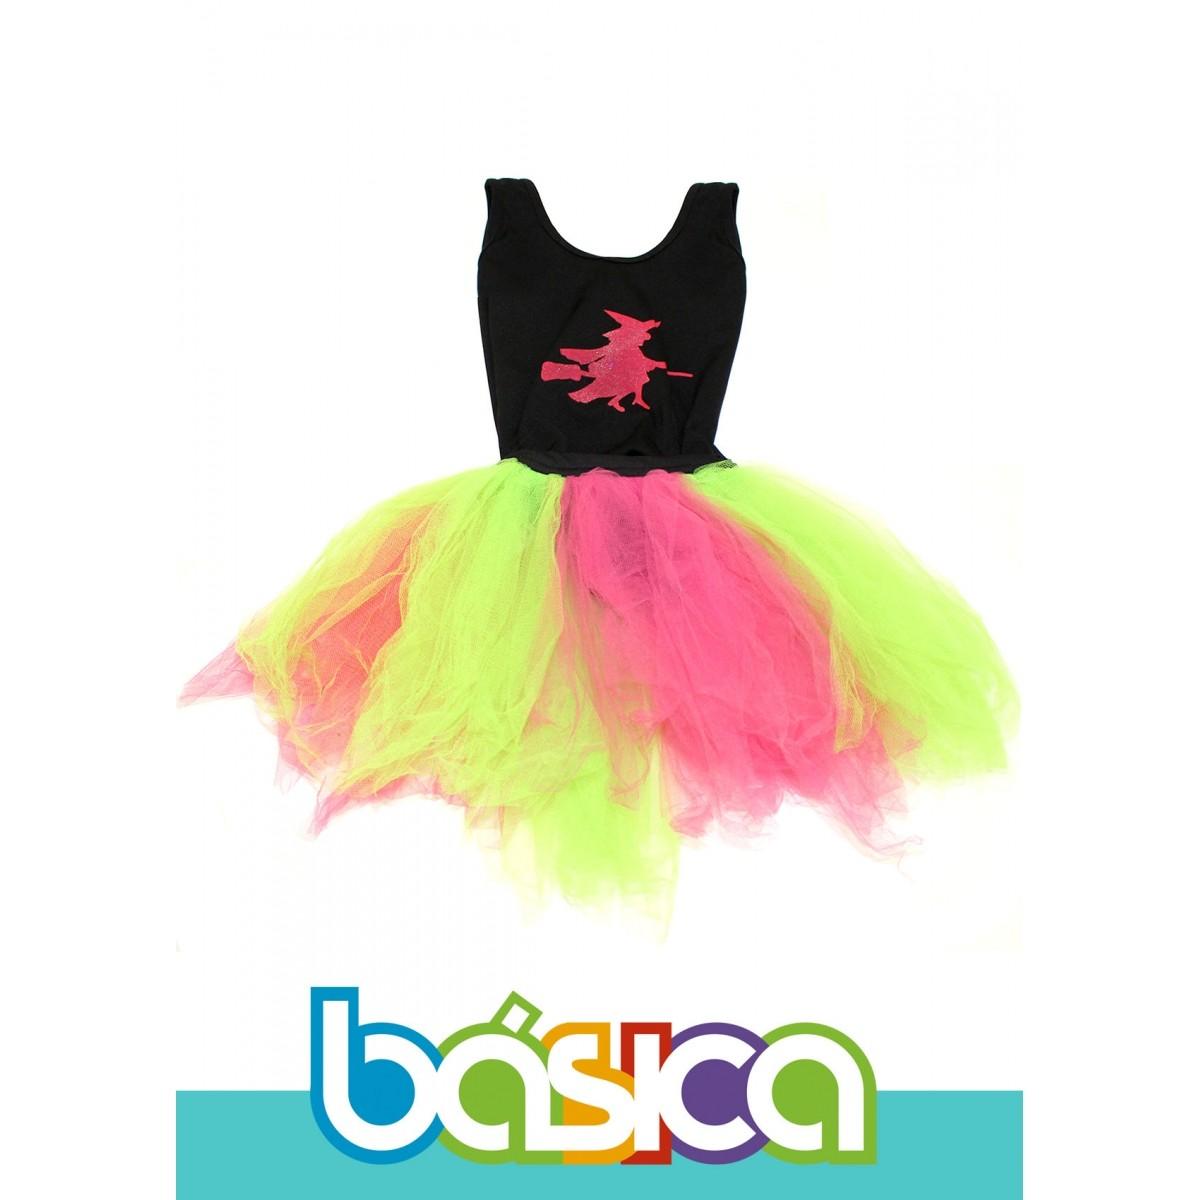 Fantasia de Bruxa Infantil com Tule Colorido  - BÁSICA UNIFORMES